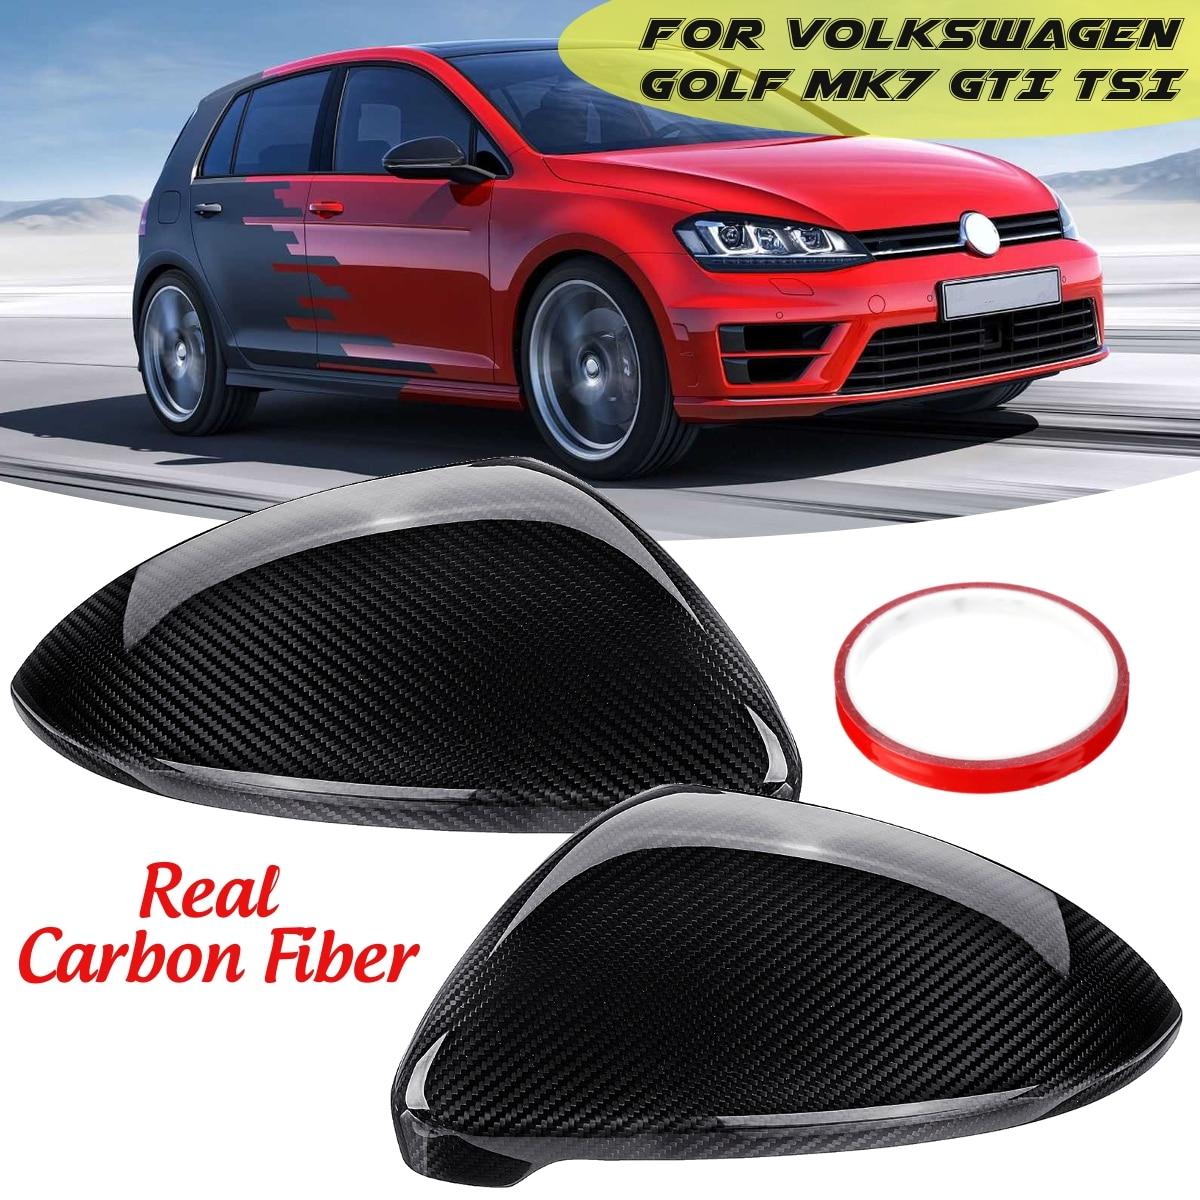 pair real carbon fiber for vw golf golf 7 golf7 mk7 gti. Black Bedroom Furniture Sets. Home Design Ideas